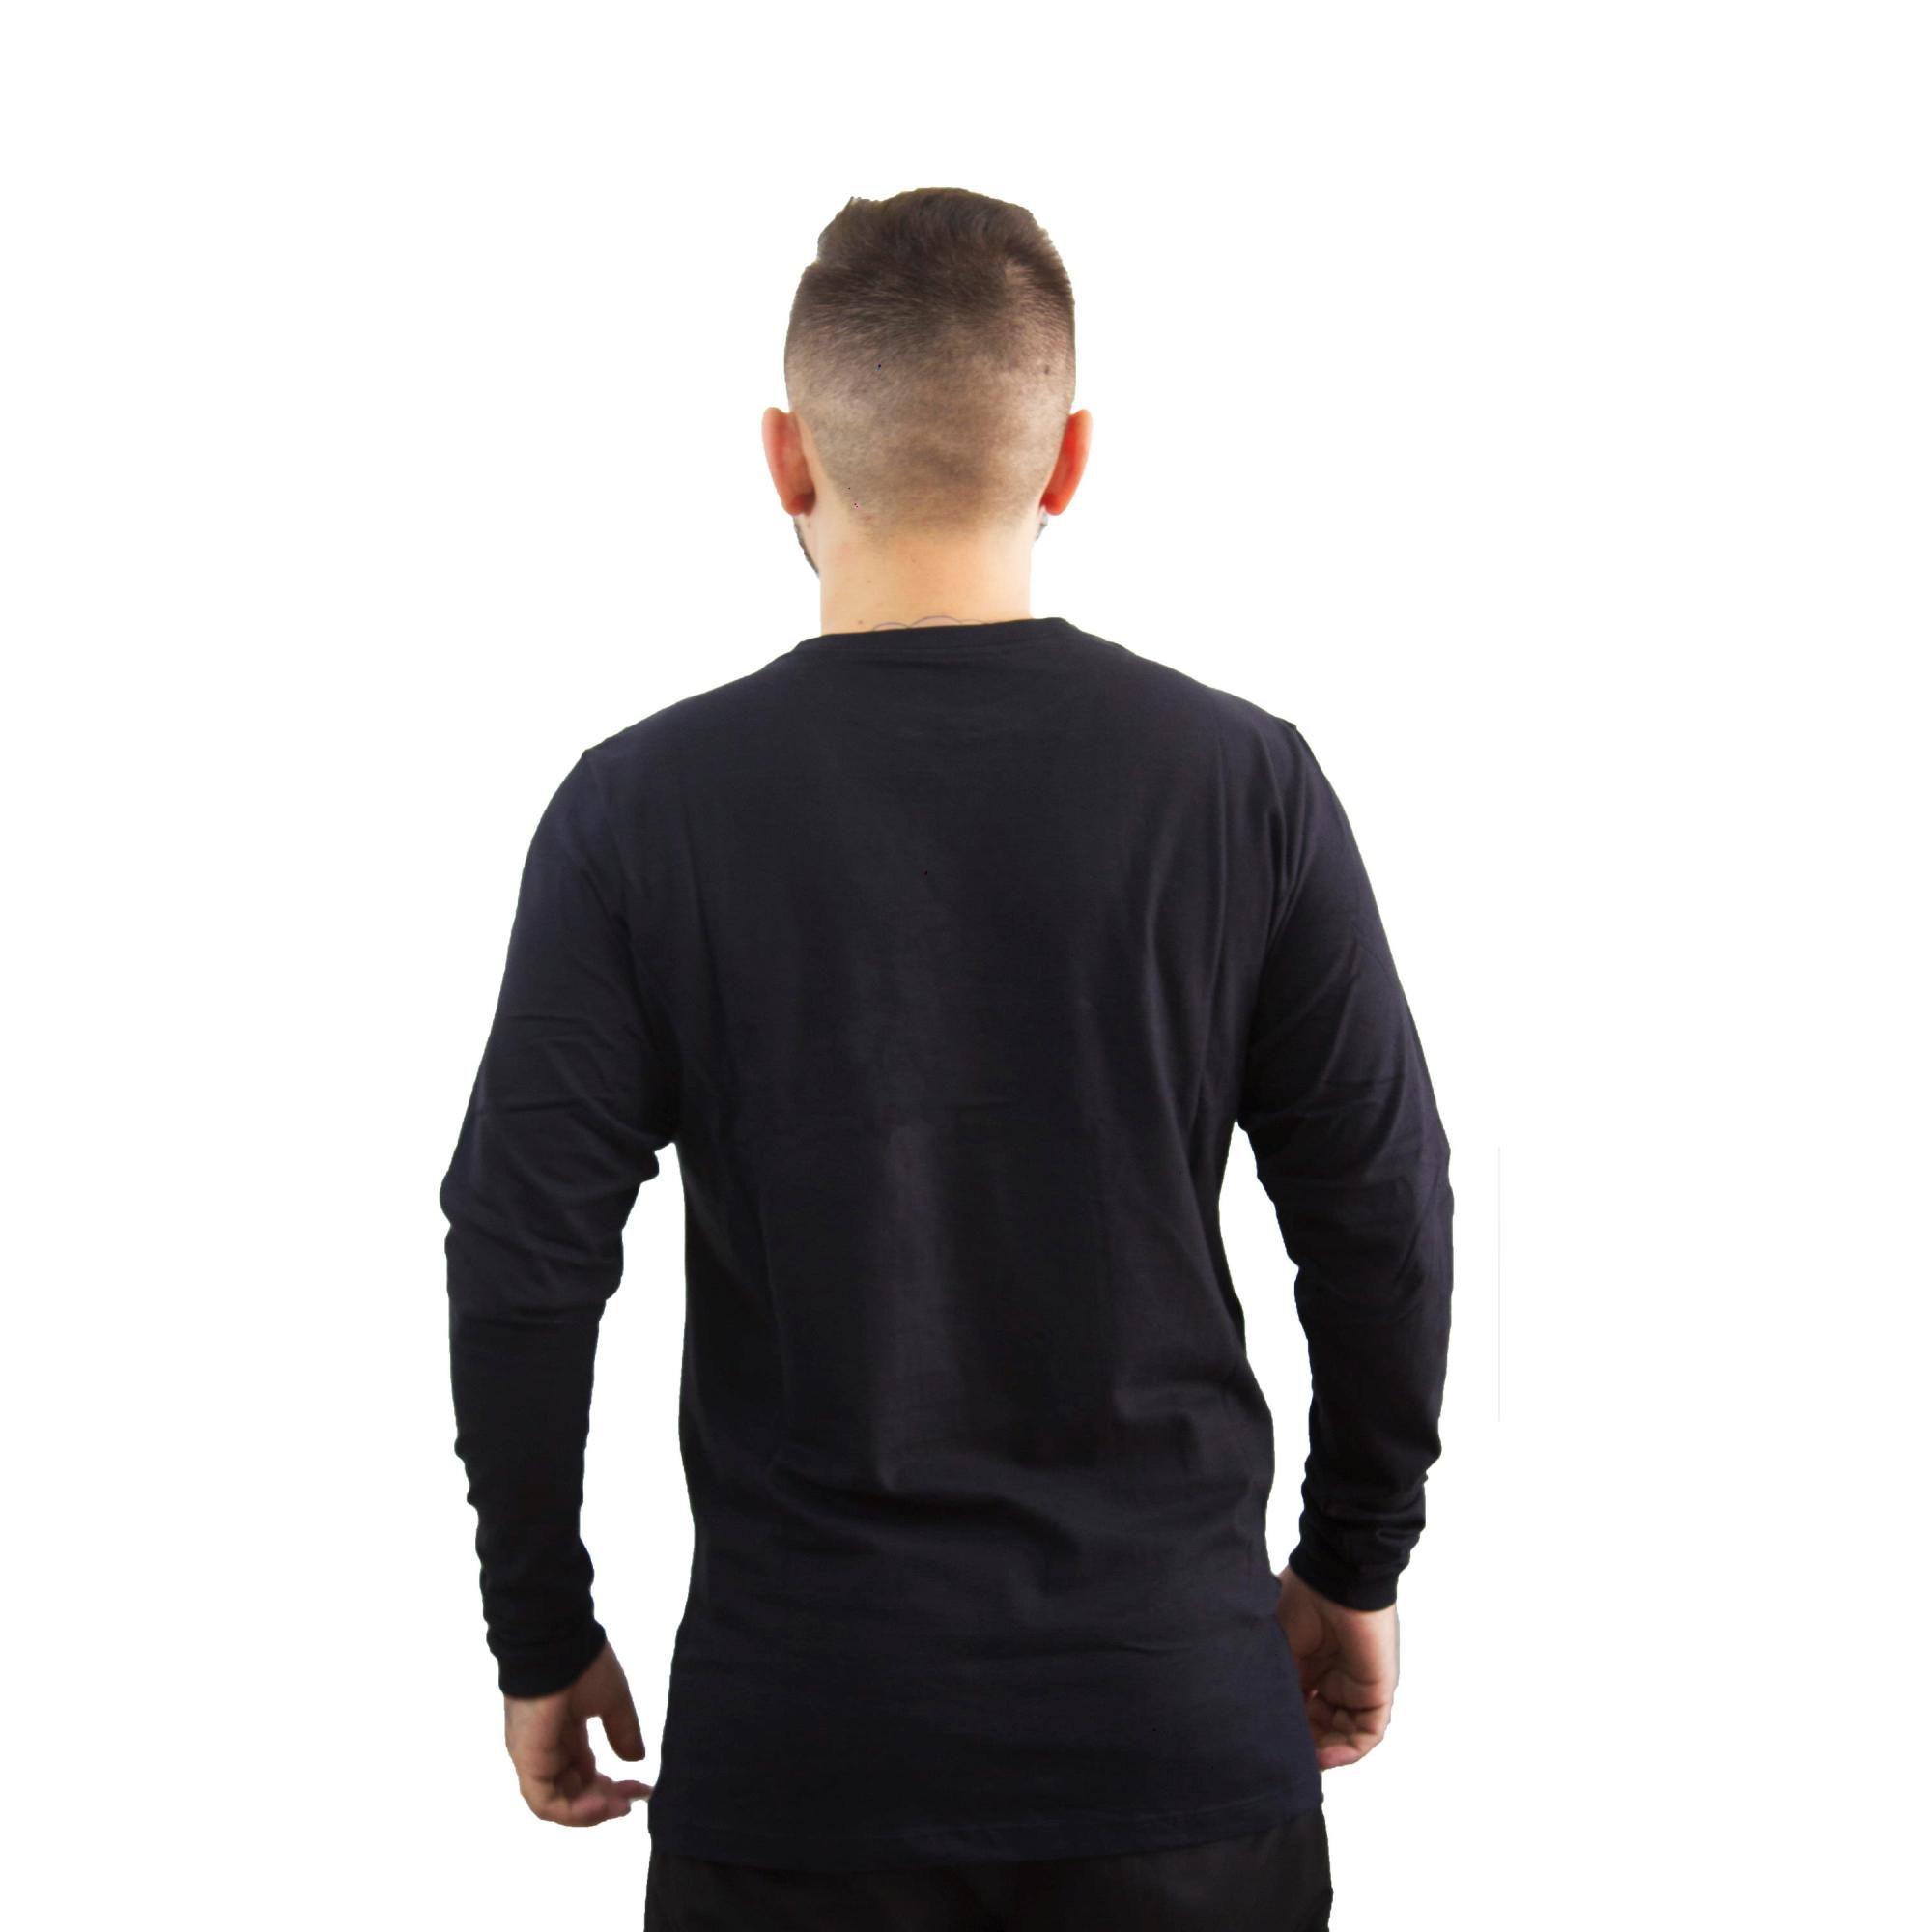 Camiseta Hurley Manga Longa Preta